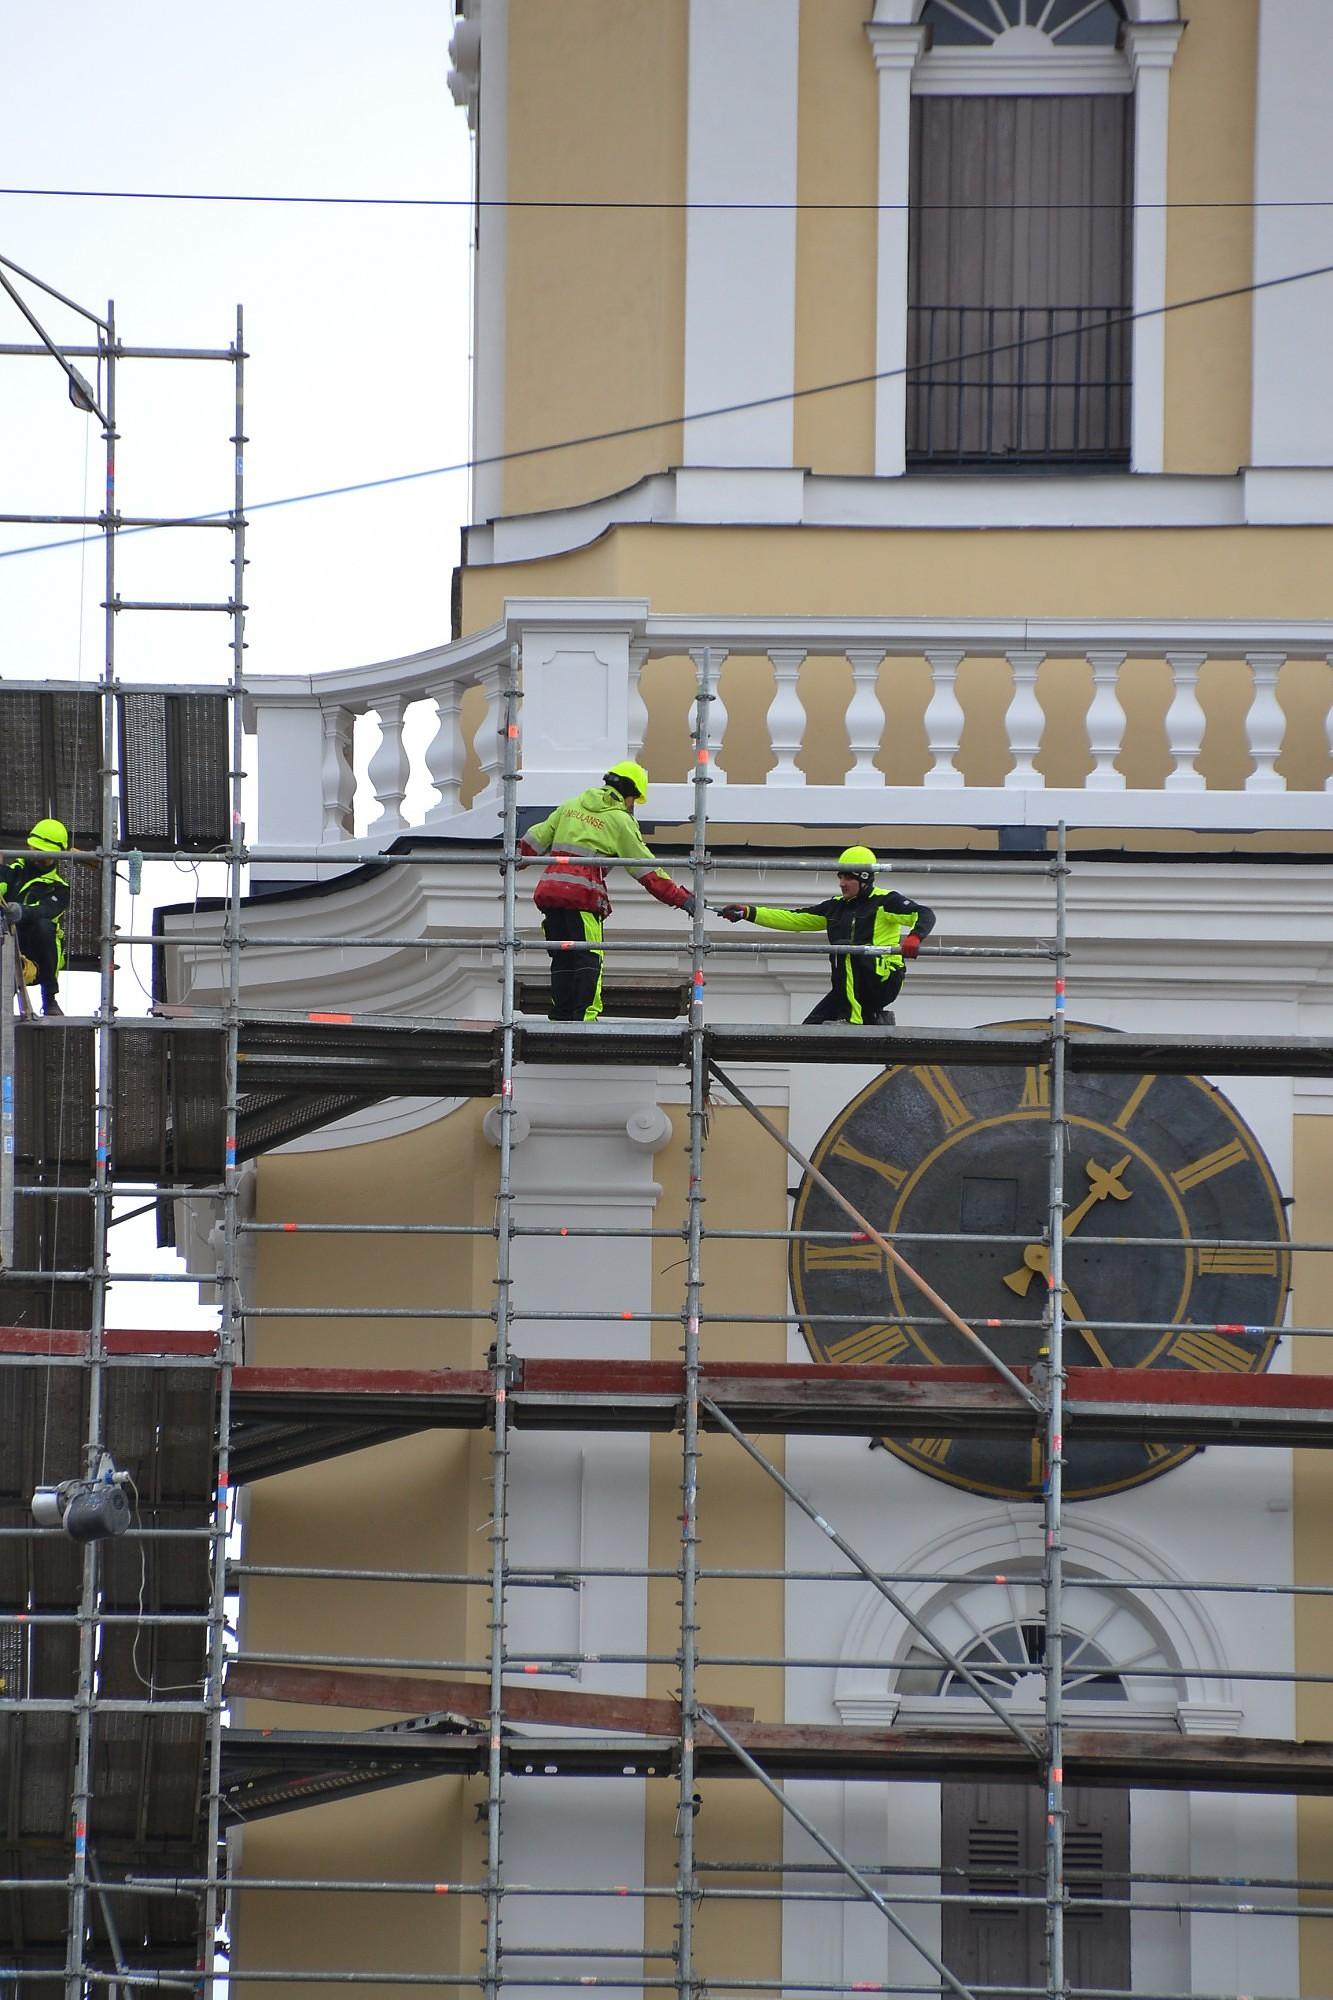 Циферблаты на башне собора отреставрированы; механизму еще надо подождать